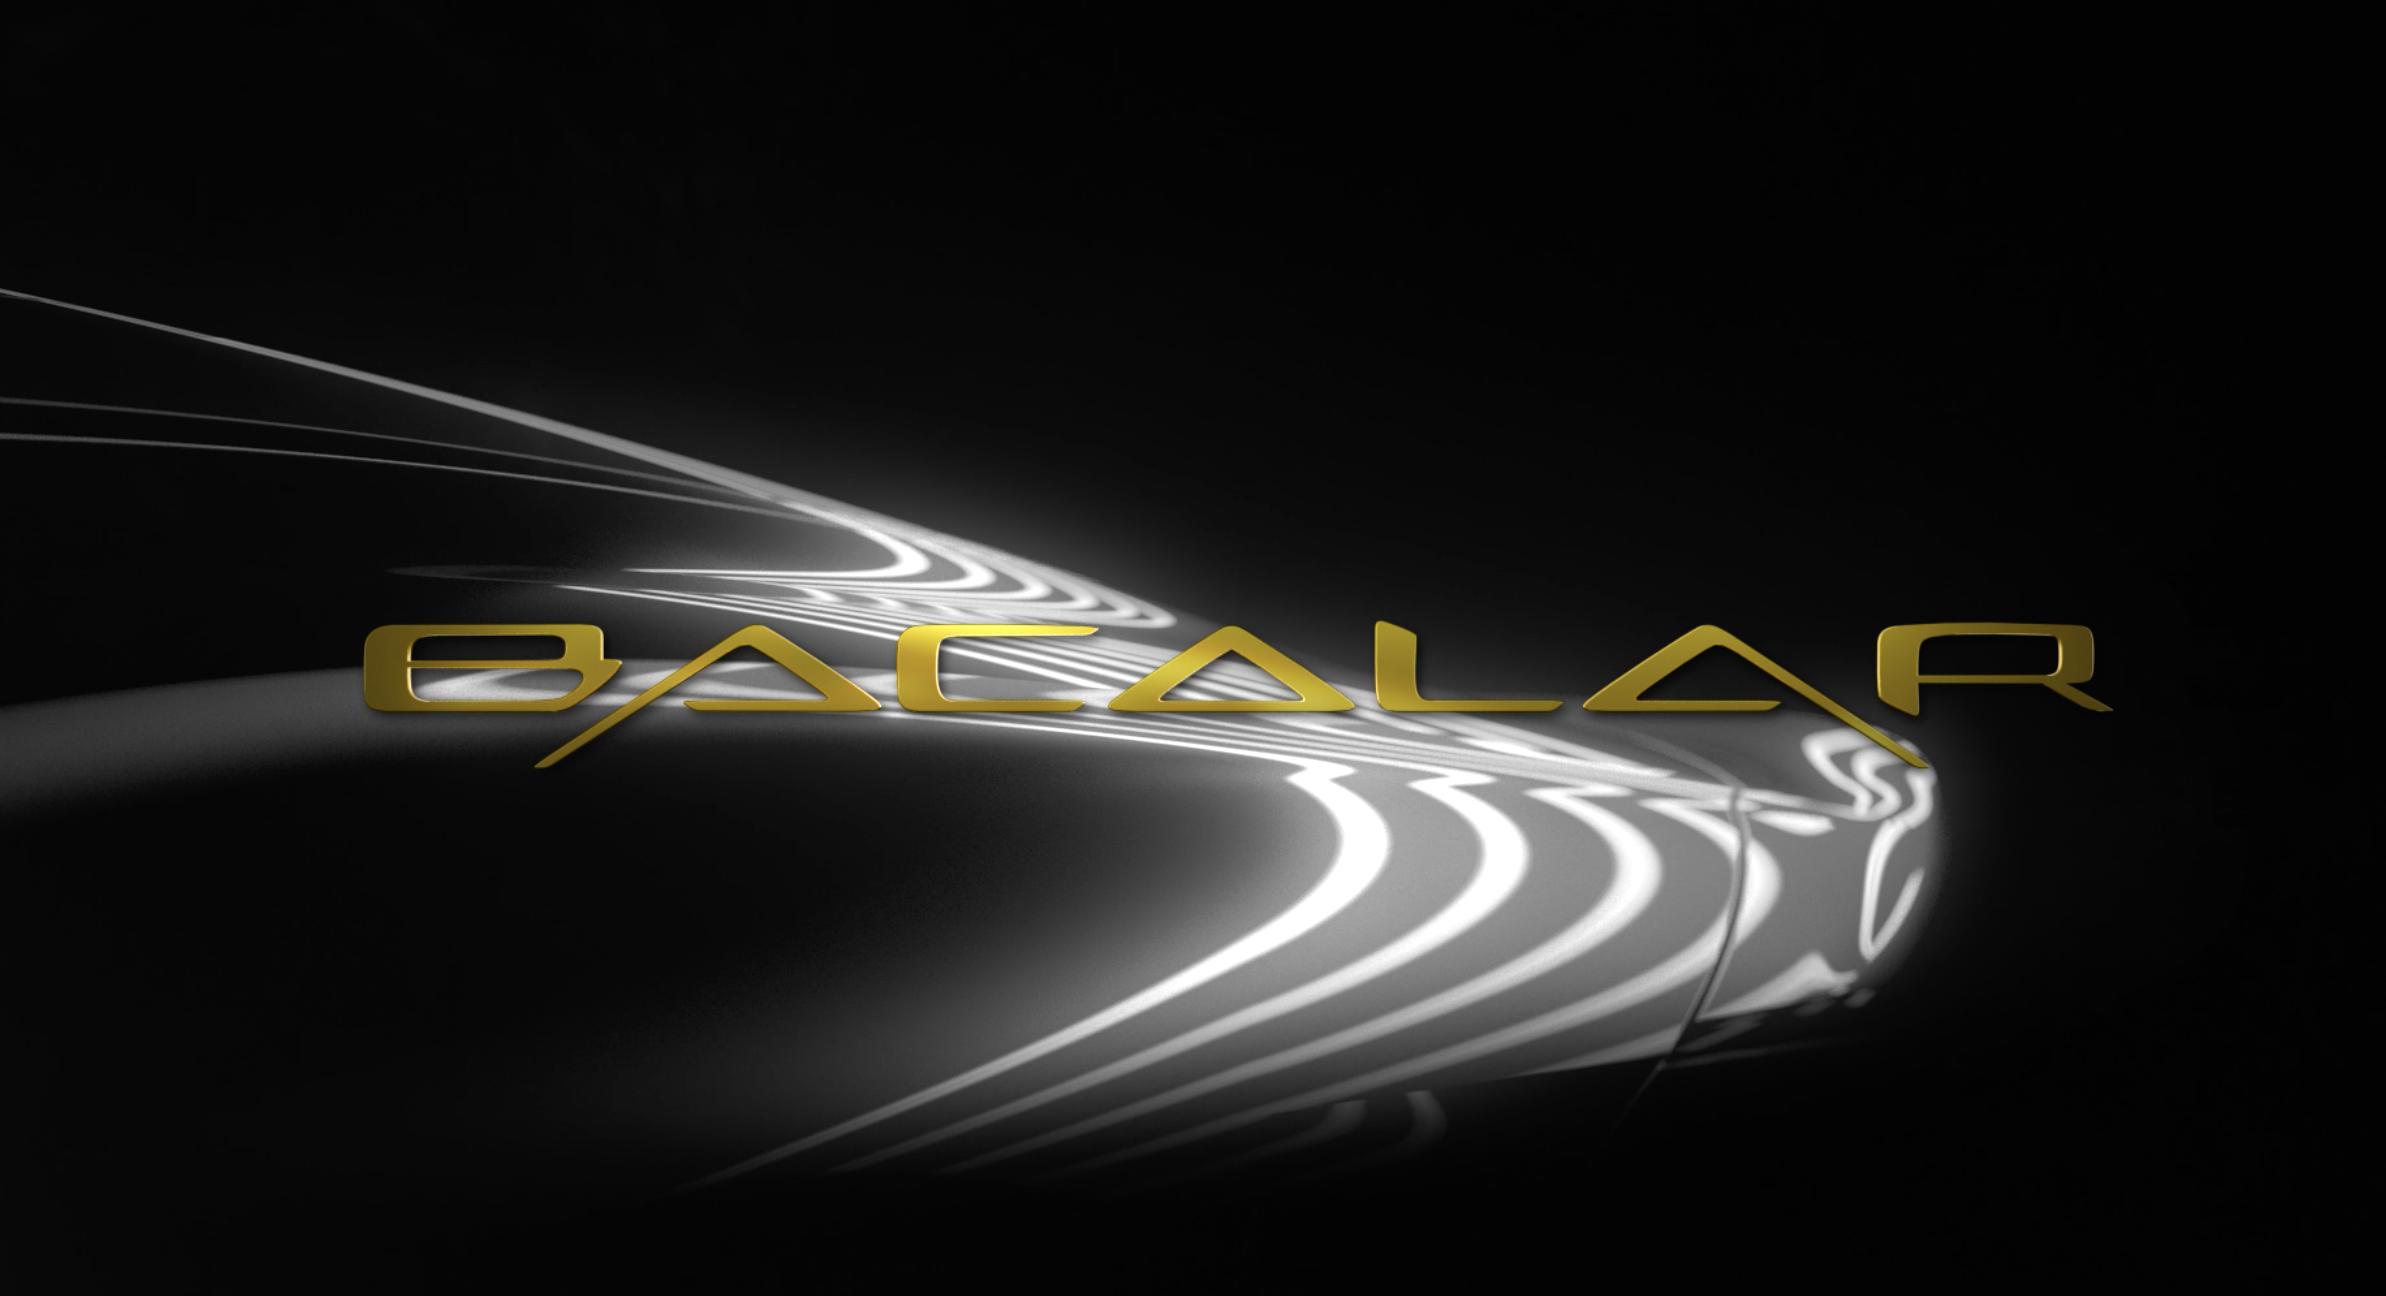 灵感来自EXP 100 GT概念车 宾利全新GT跑车预告图发布